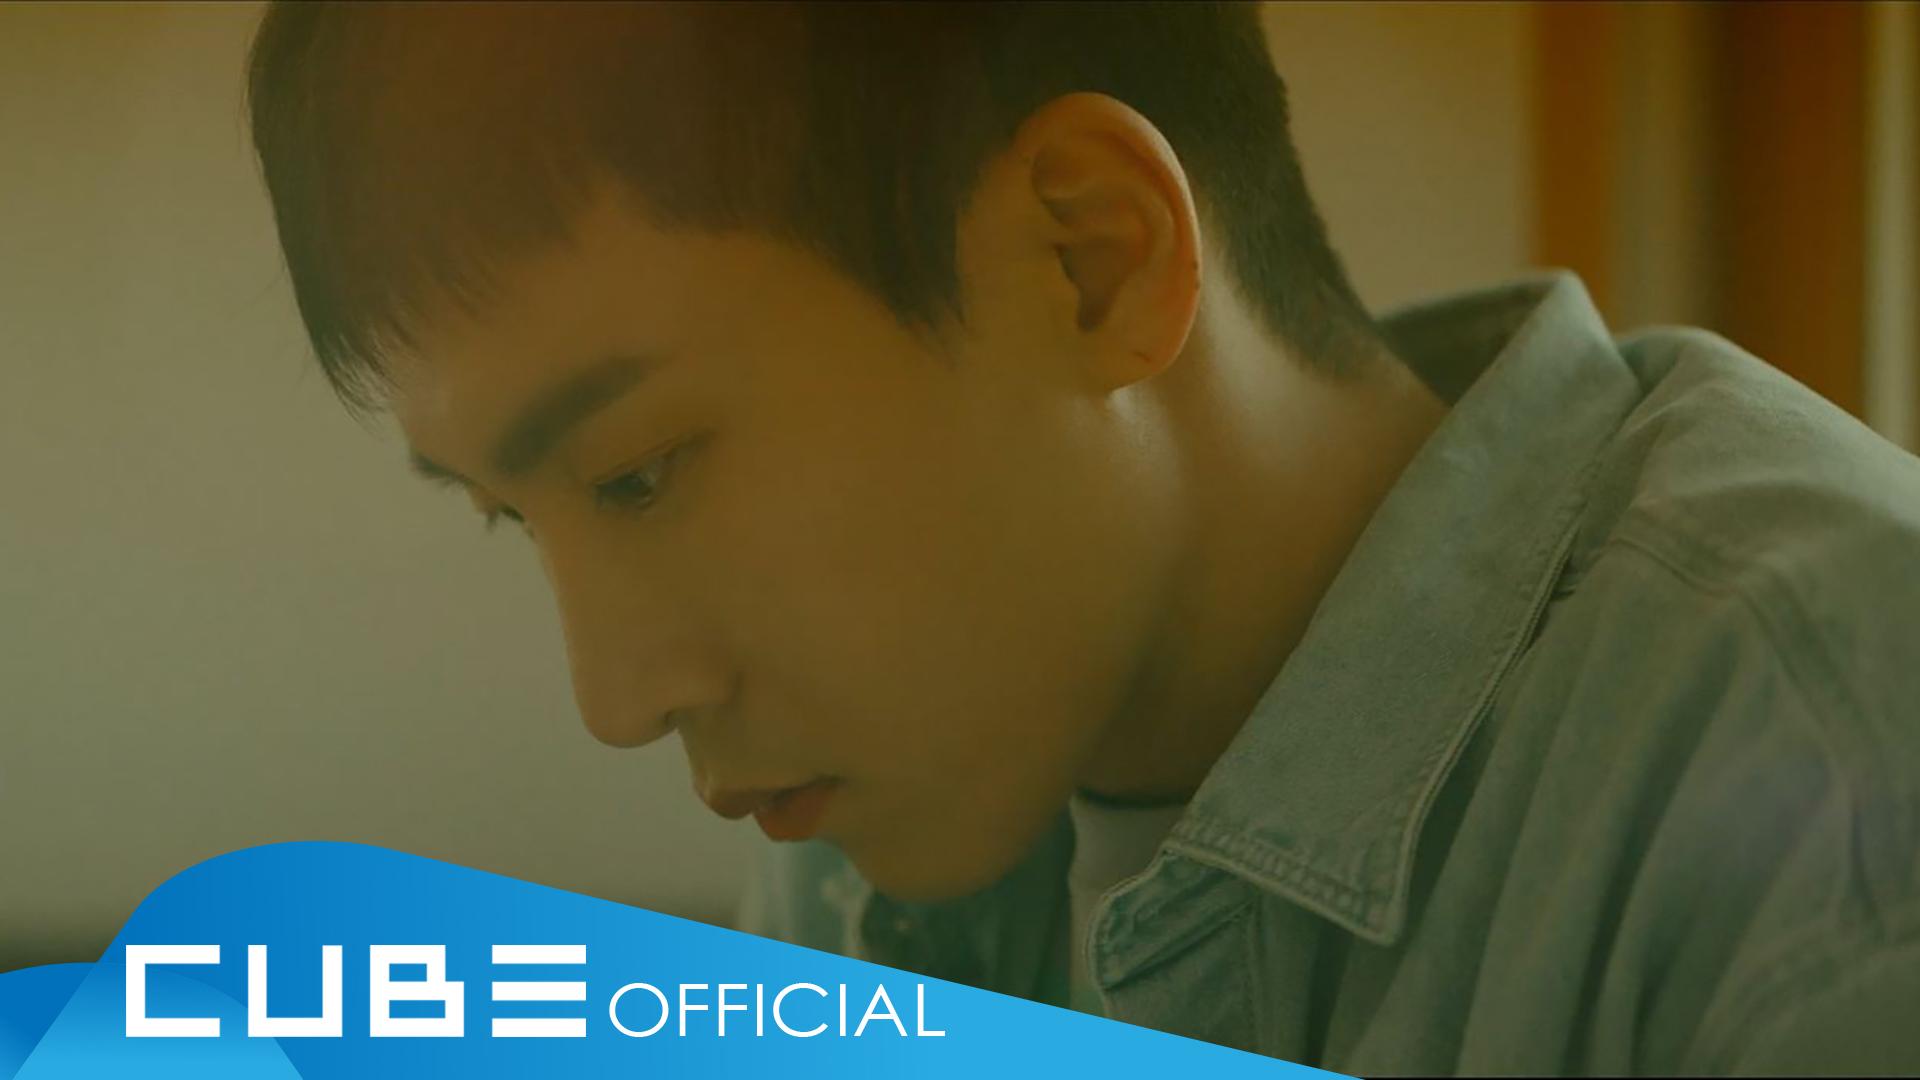 서은광 (SEO EUNKWANG) - '아무도 모른다 (No One Knows)' Official Music Video